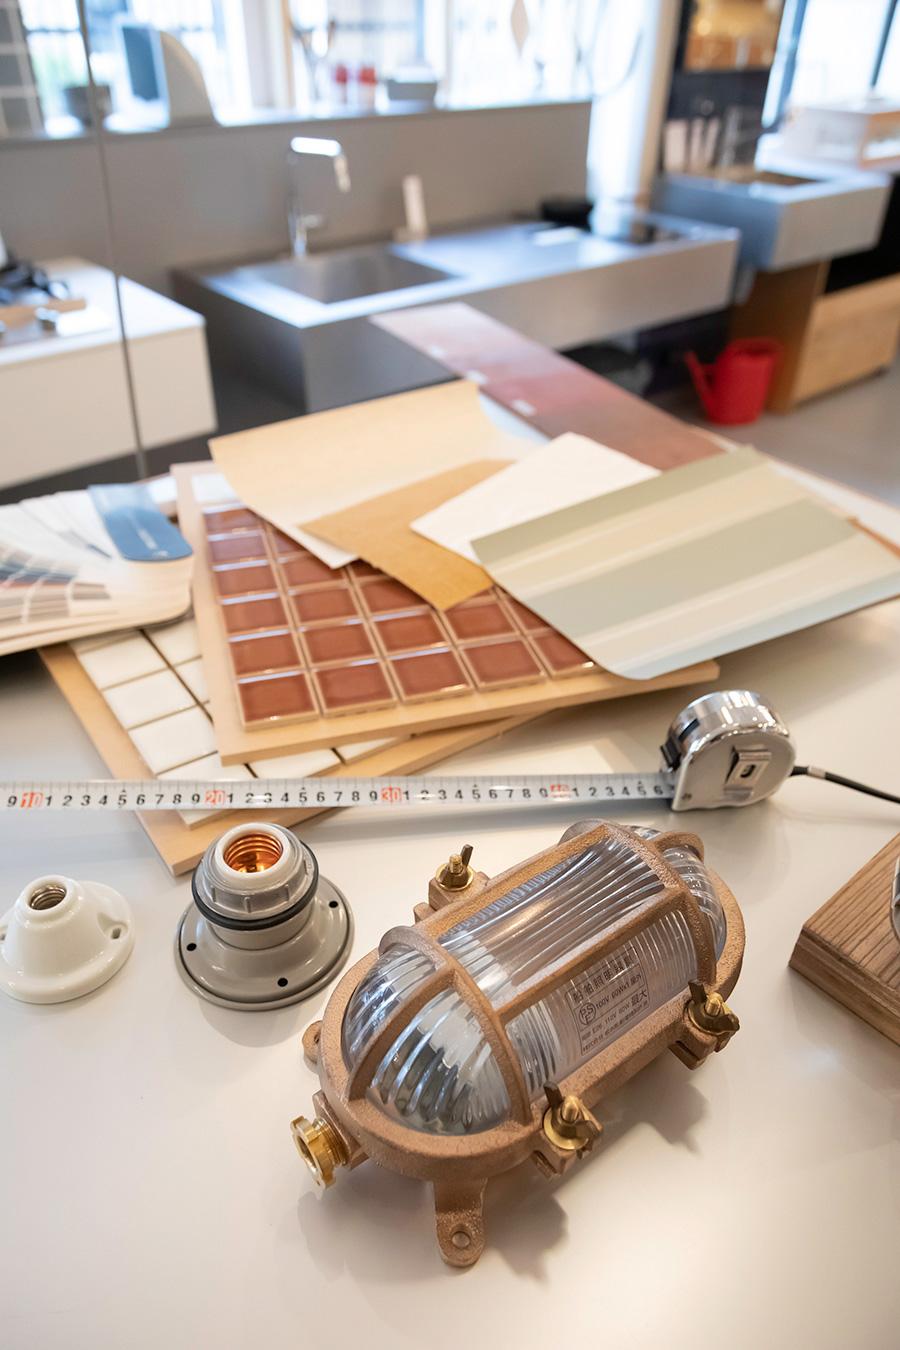 店内のカウンターで、壁紙や床材、タイルなどの組み合わせを試して、家全体のコーディネイトを確認できる。気になる素材のサンプルがあれば持ち帰って検討することも可能だ